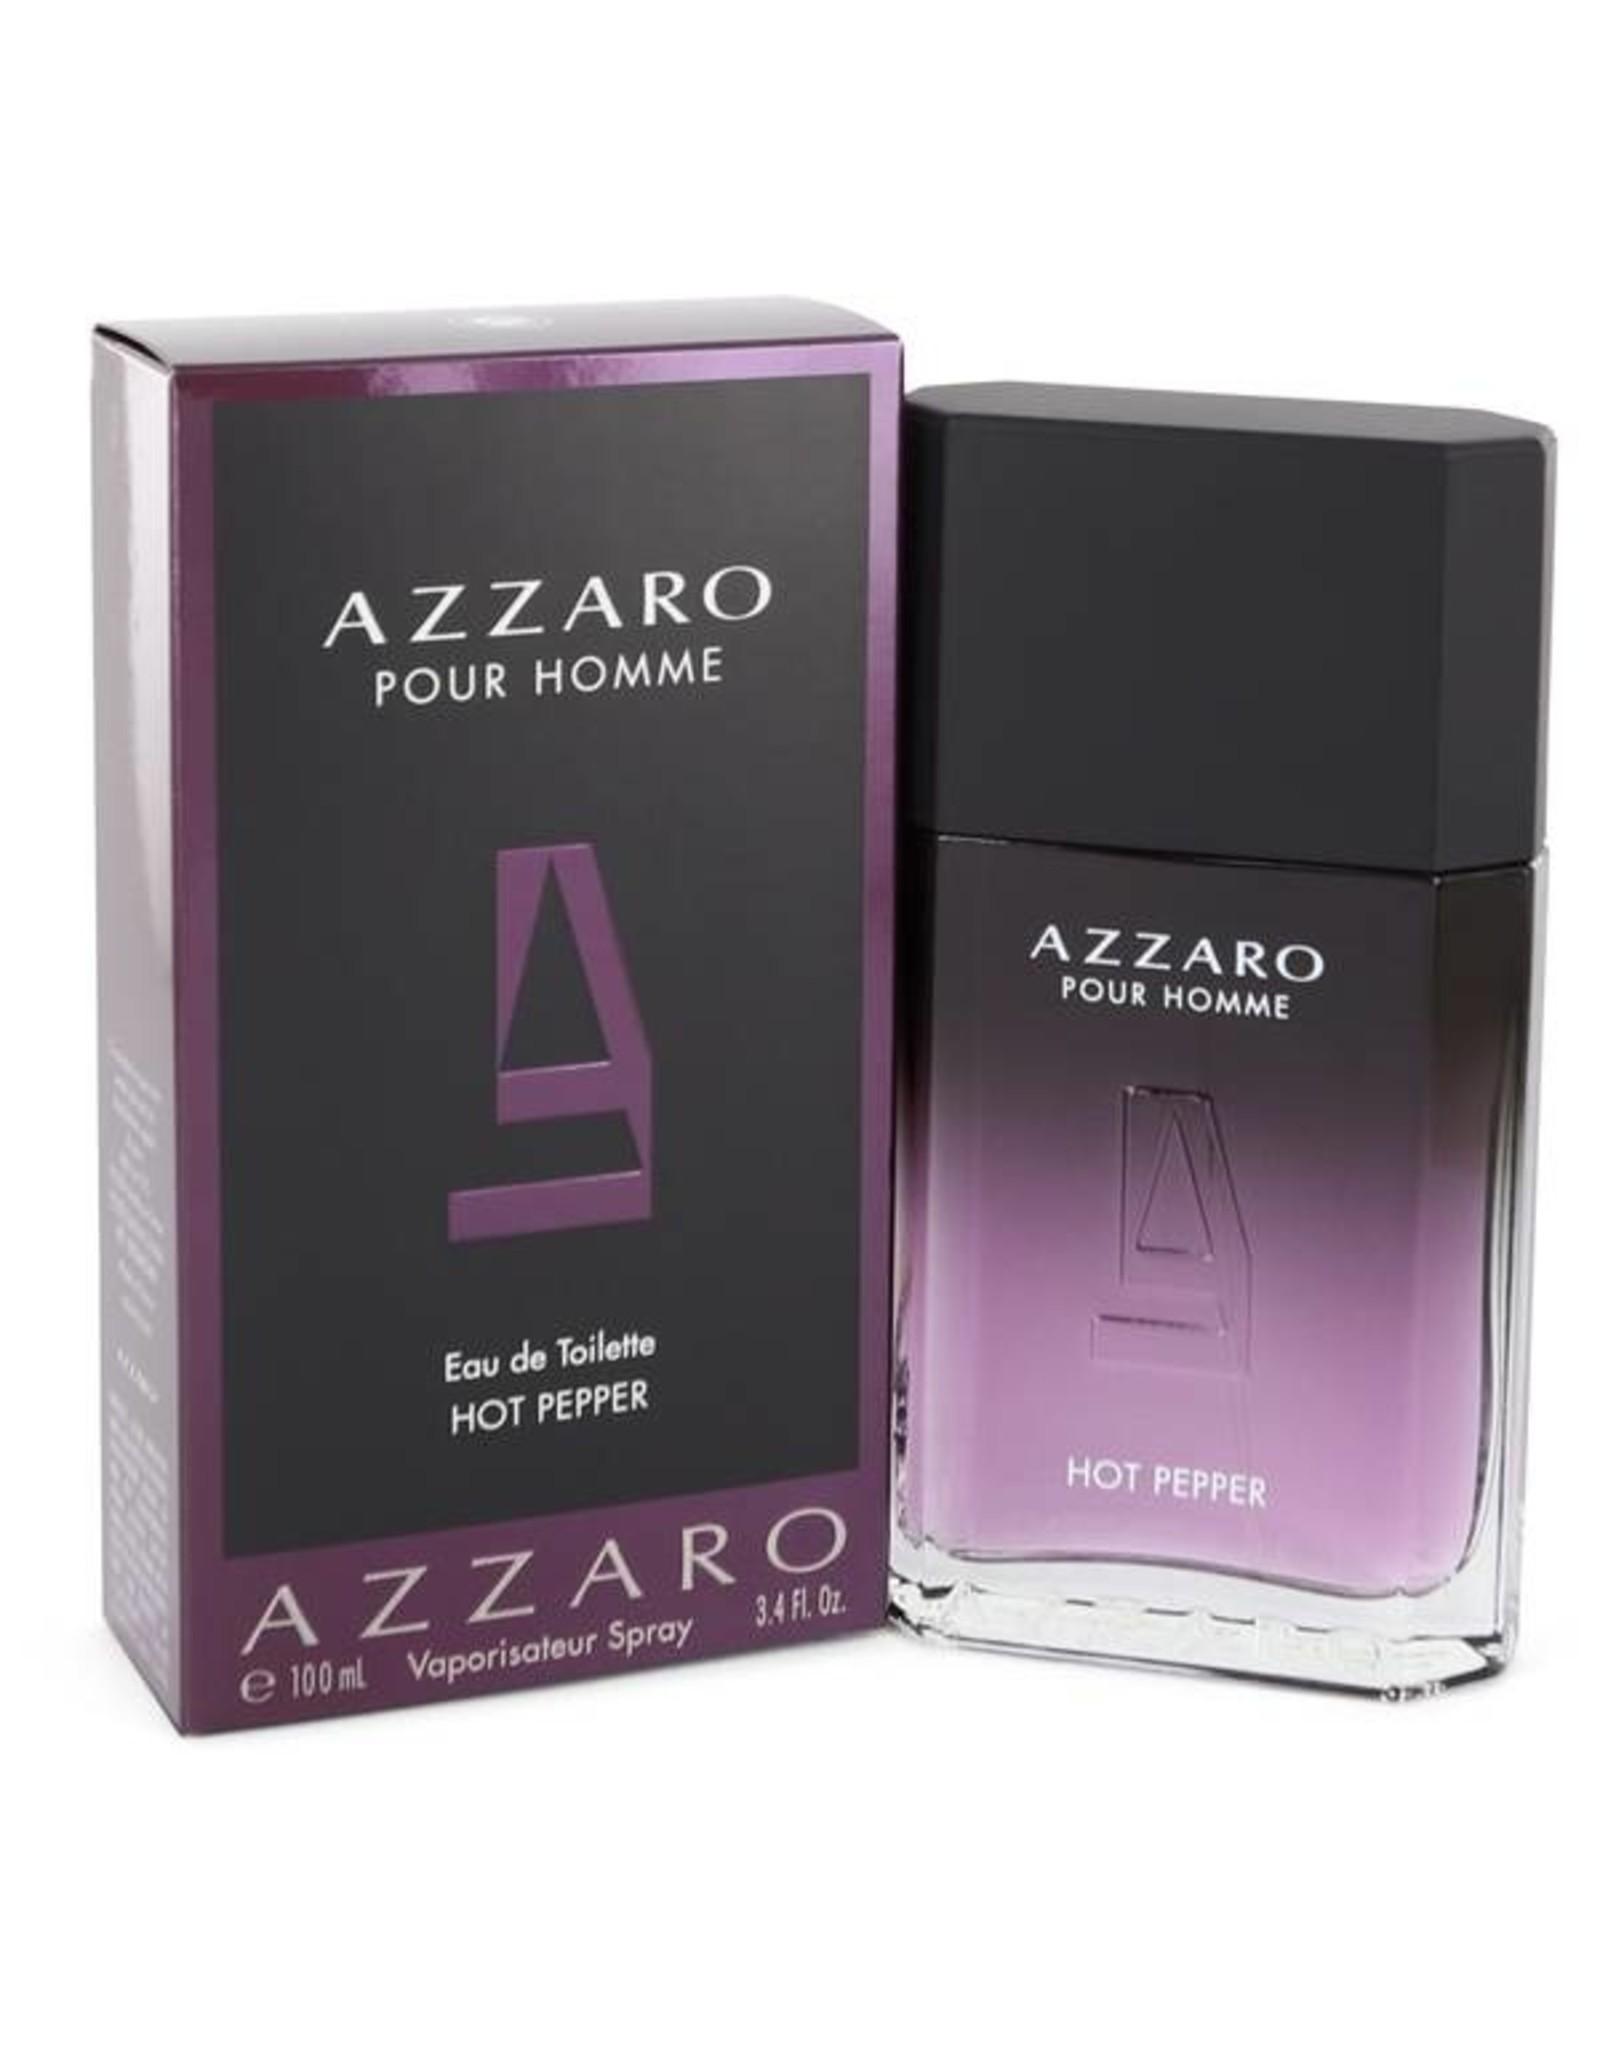 AZZARO AZZARO POUR HOMME HOT PEPPER